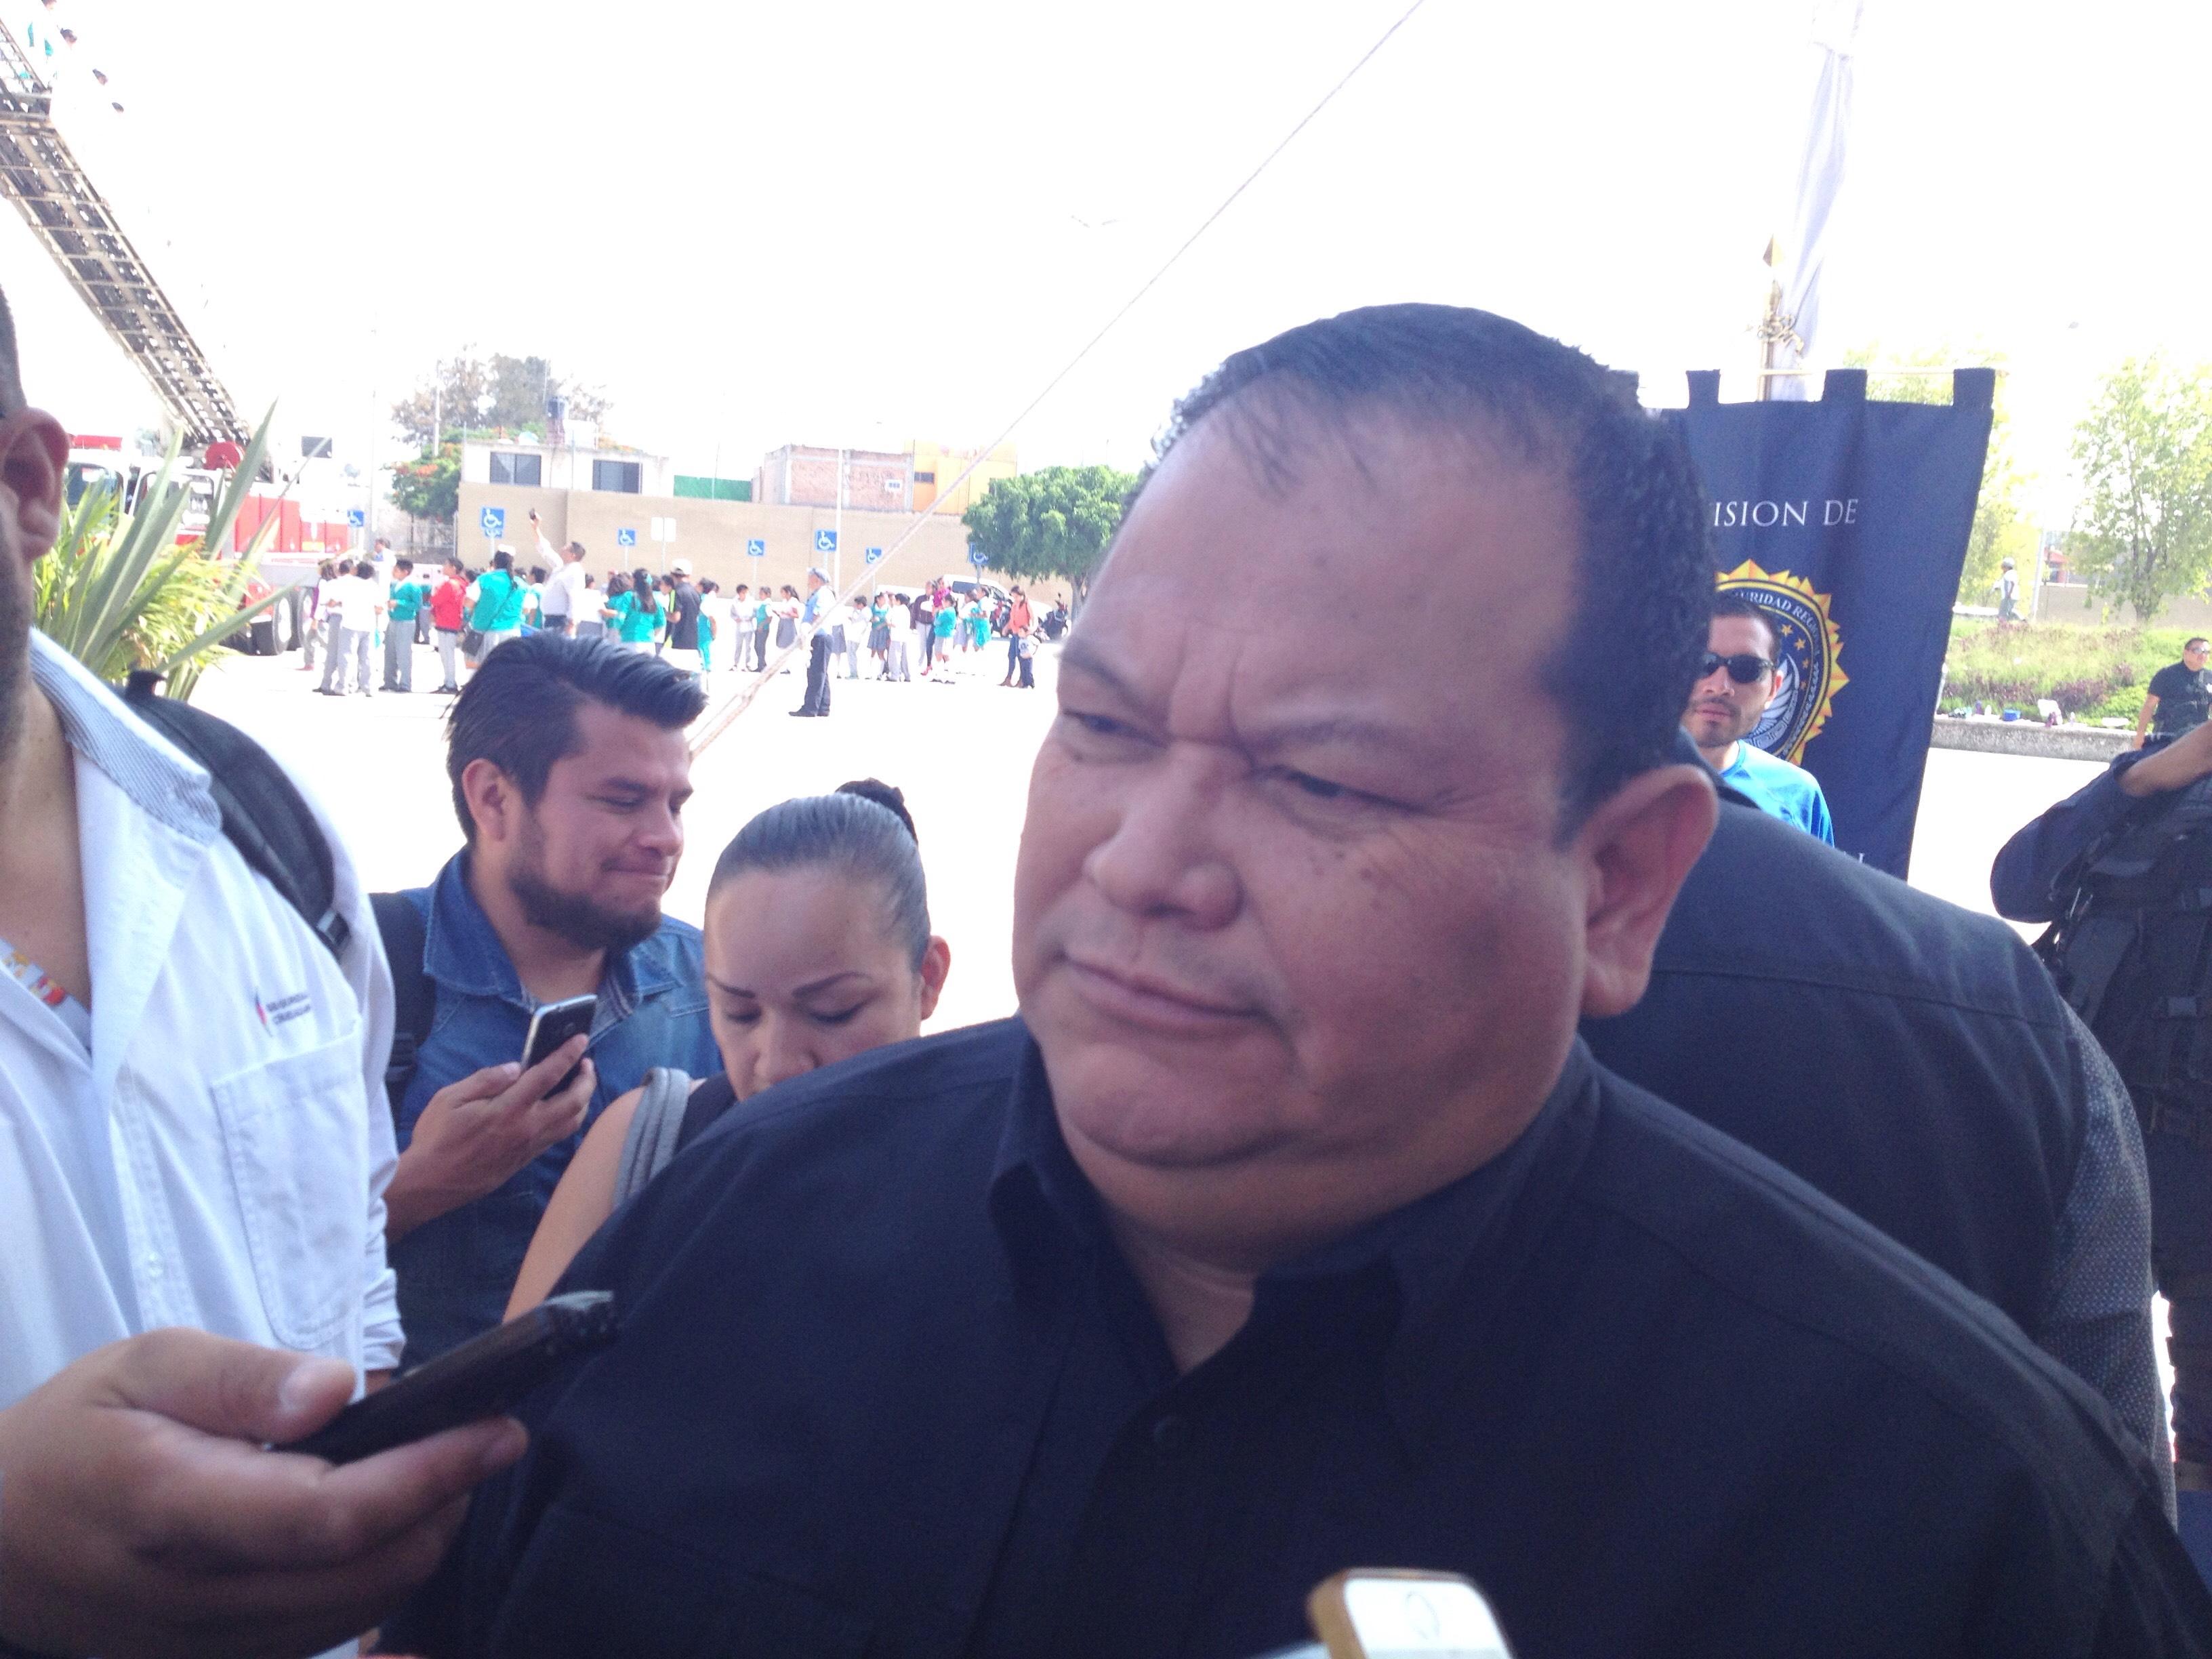 Vázquez Rivera, negó la posibilidad de que los efectivos municipales puedan importar sus armas de fuego mientras encuentran de descanso, por las reglas que pone el permiso colectivo con el que cuentan, sin embargo dijo que se les proporcionan recomendaciones para no ser objeto de dichos ataques.